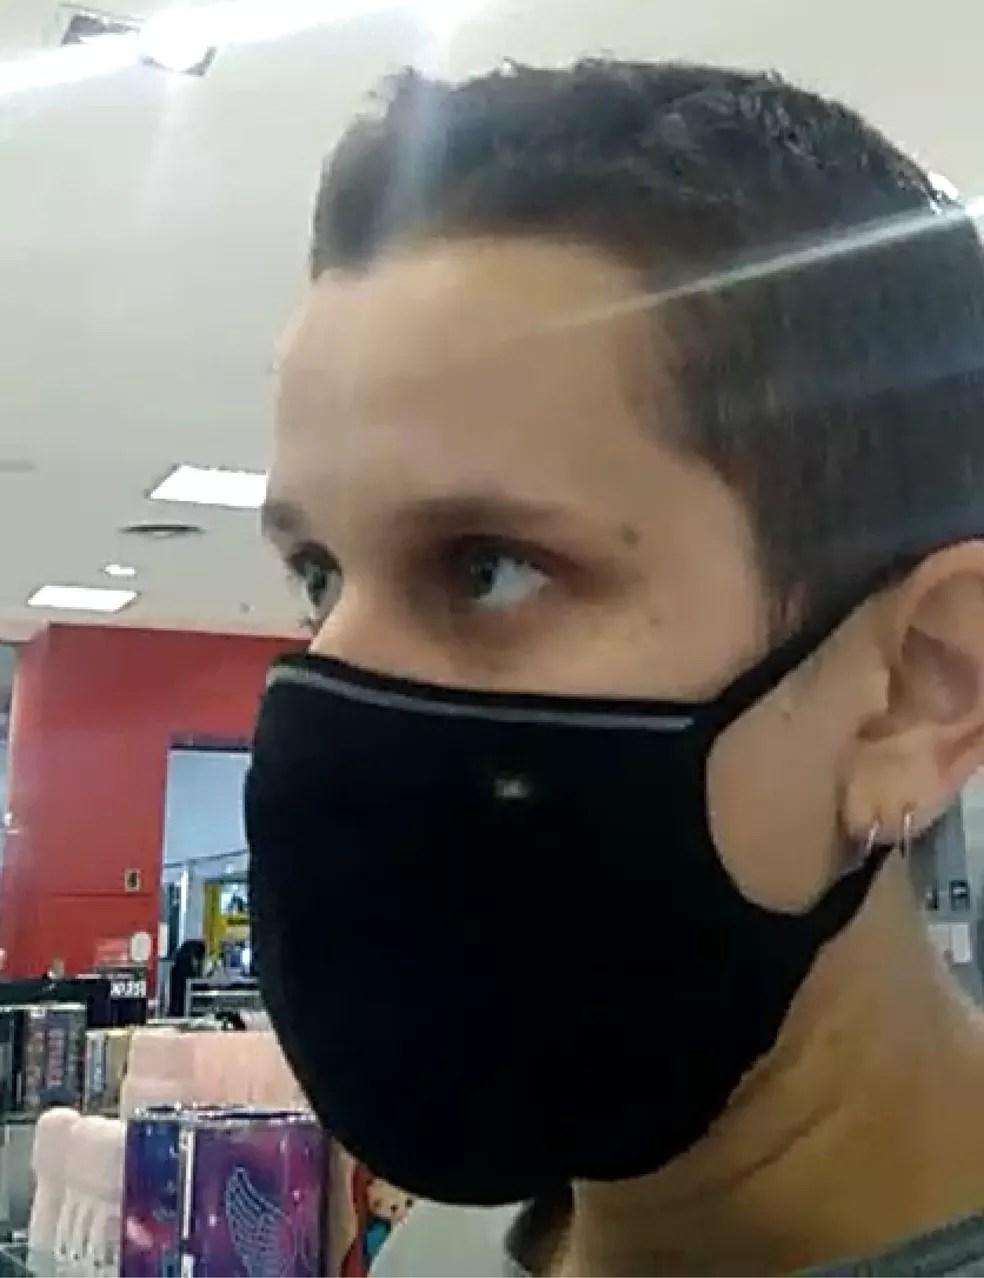 Mulher tem provador invadido em loja de BH. Funcionário teria alegado que ela era um homem. — Foto: Arquivo pessoal